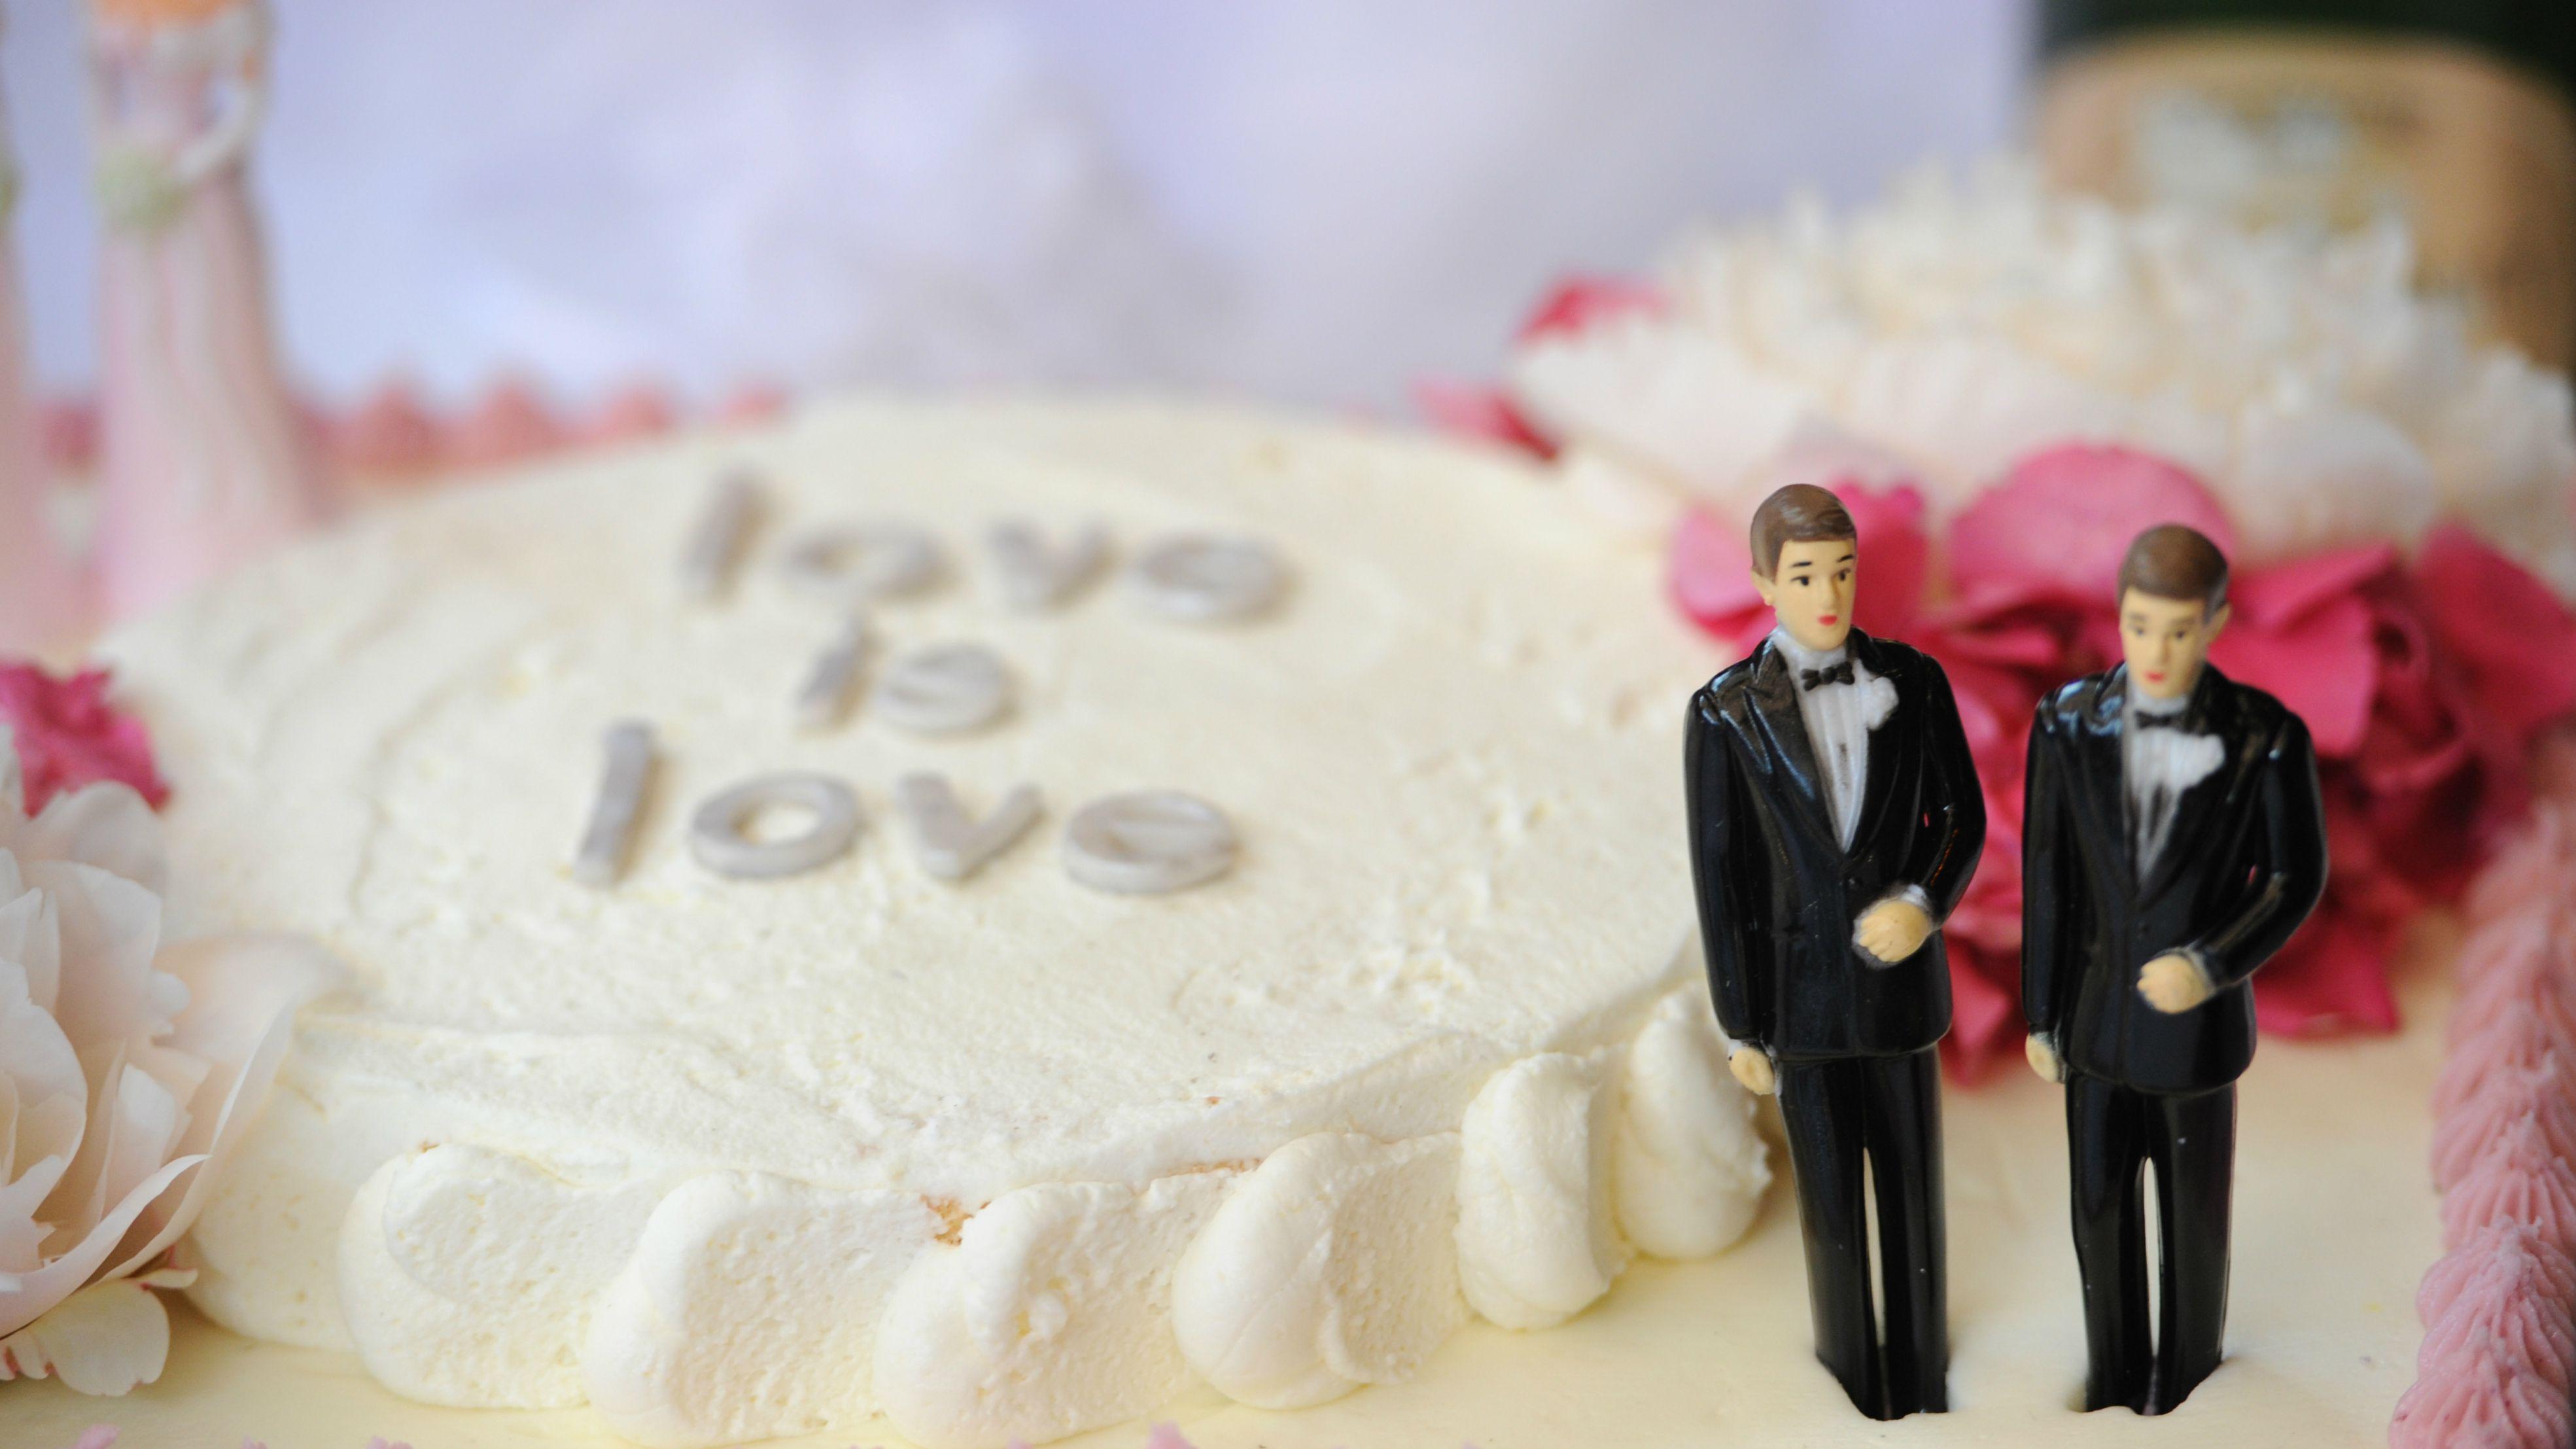 marriage equality, gay wedding, wedding boom, gay wedding boom, same sex weddings, wedding cake